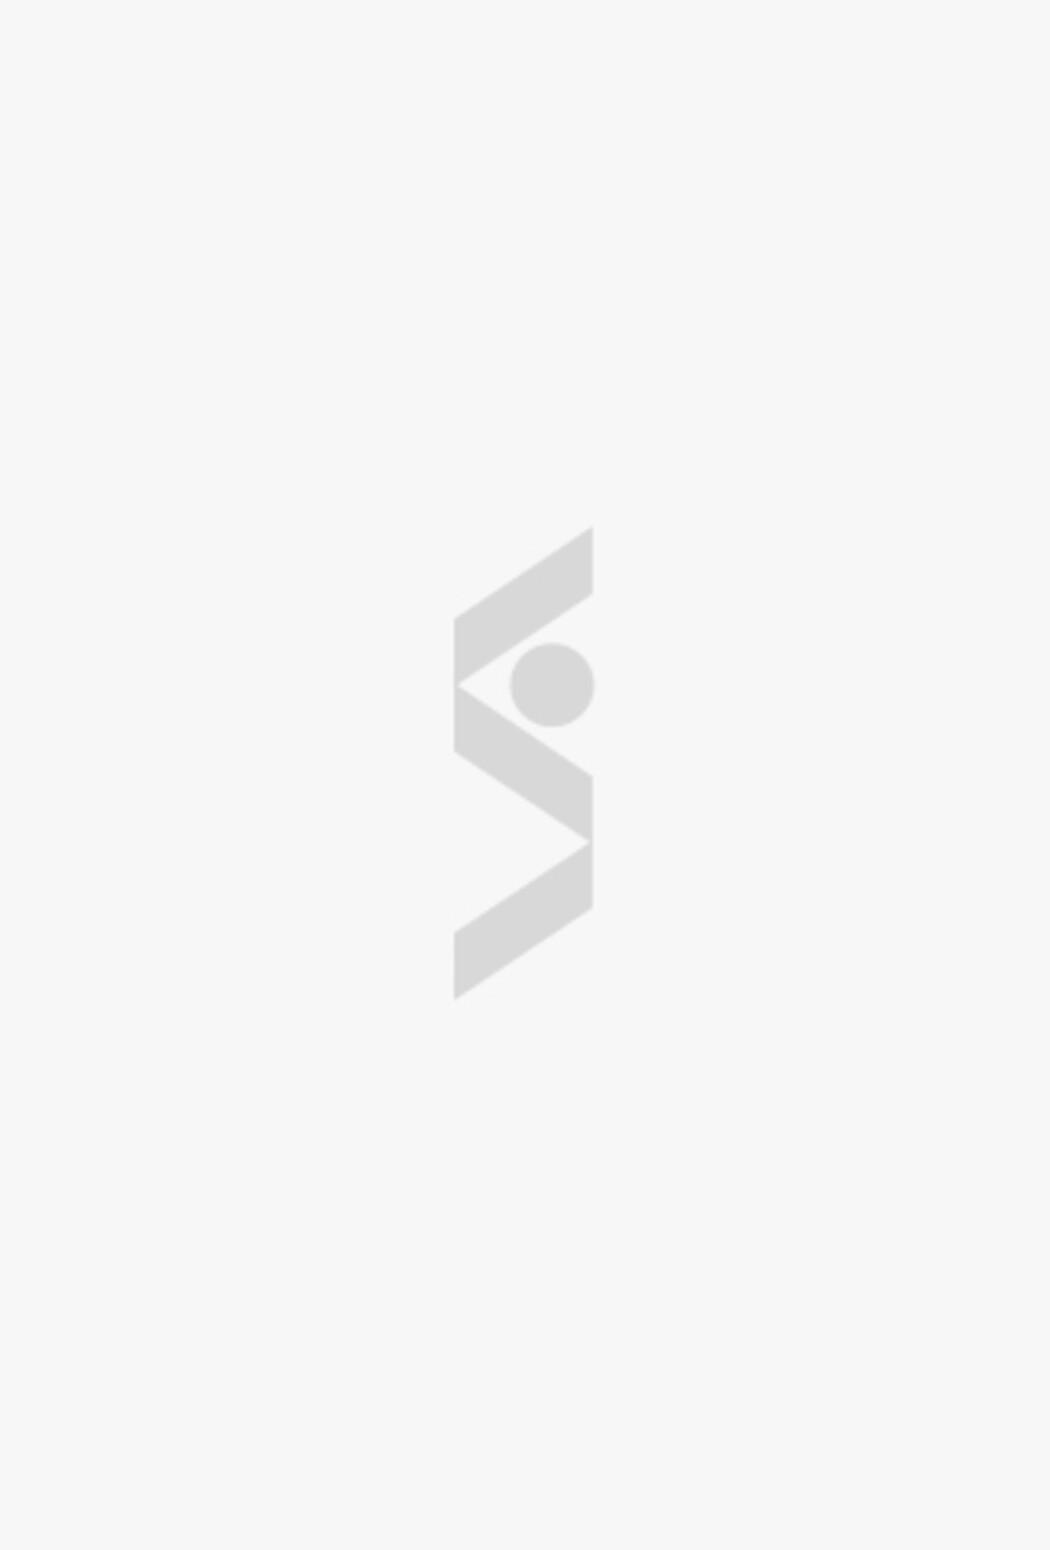 Пляжные шорты с лампасами Tommy Hilfiger - цена  ₽ купить в интернет-магазине СТОКМАНН в Москве BAFC85AF-910D-4DEB-A33F-6FEB126D97E3